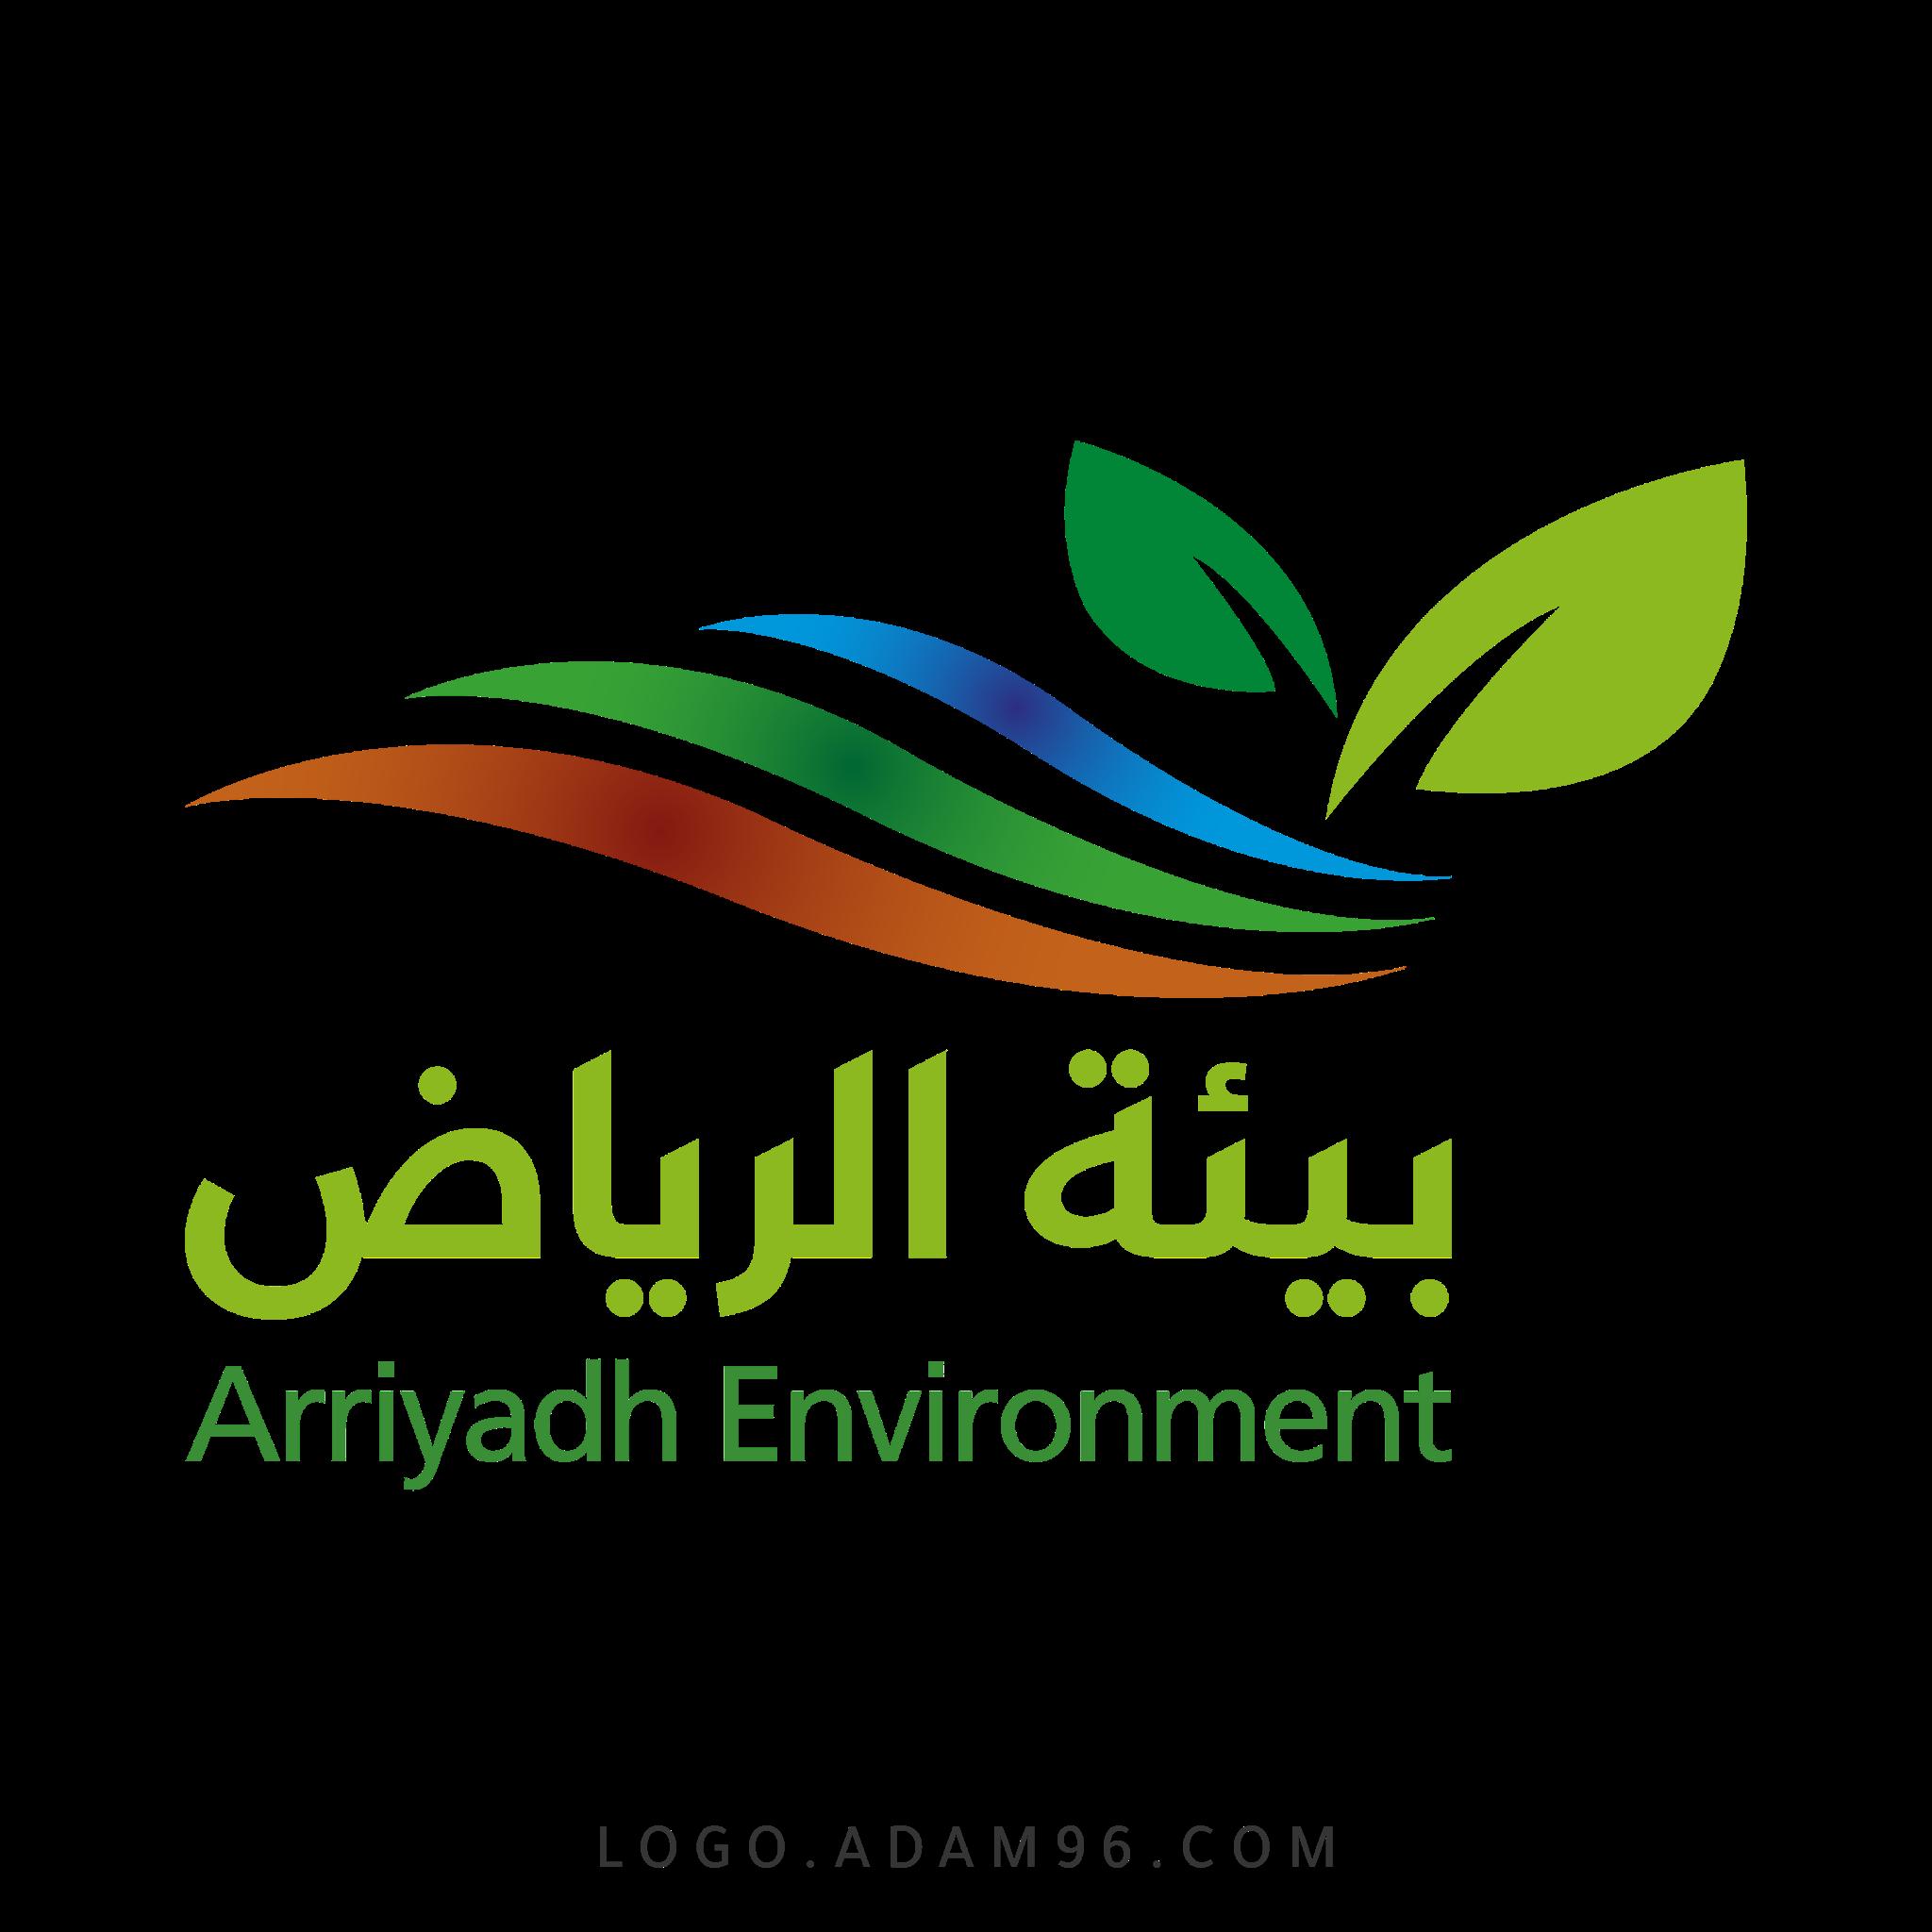 تحميل شعار بيئة الرياض لوجو رسمي عالي الجودة PNG